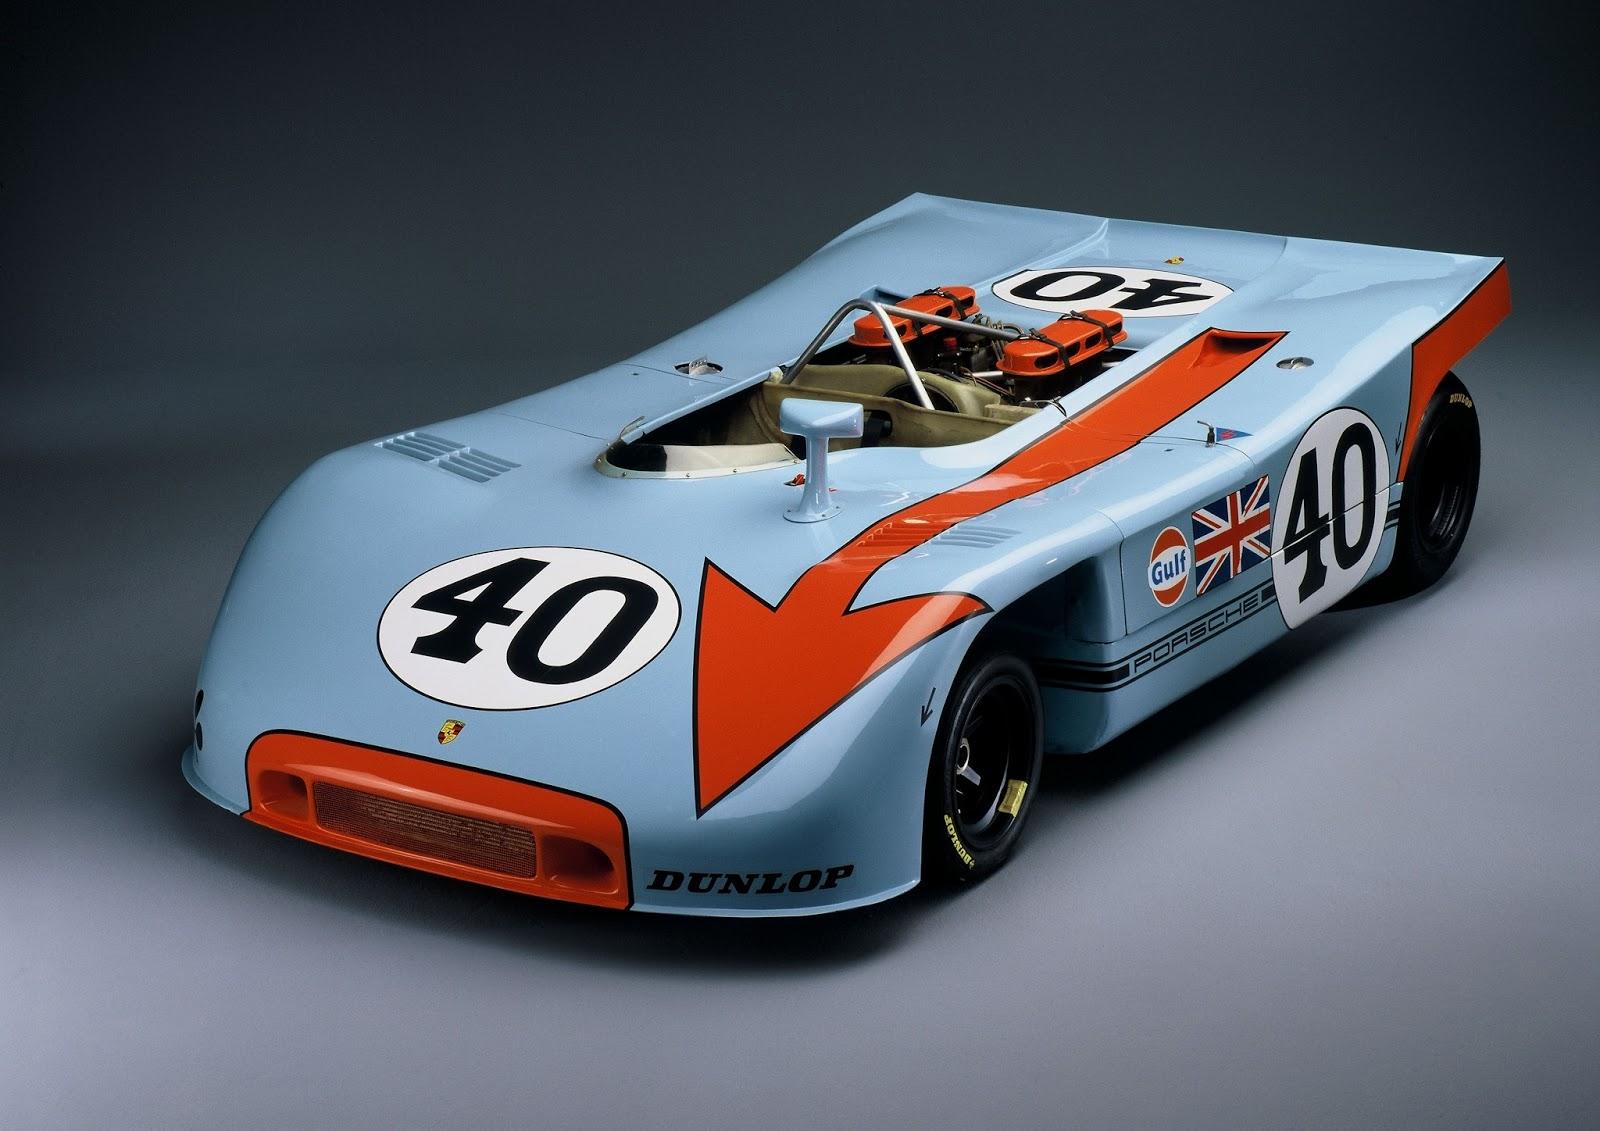 Clasp Garage Porsche 908 03 Targa Florio